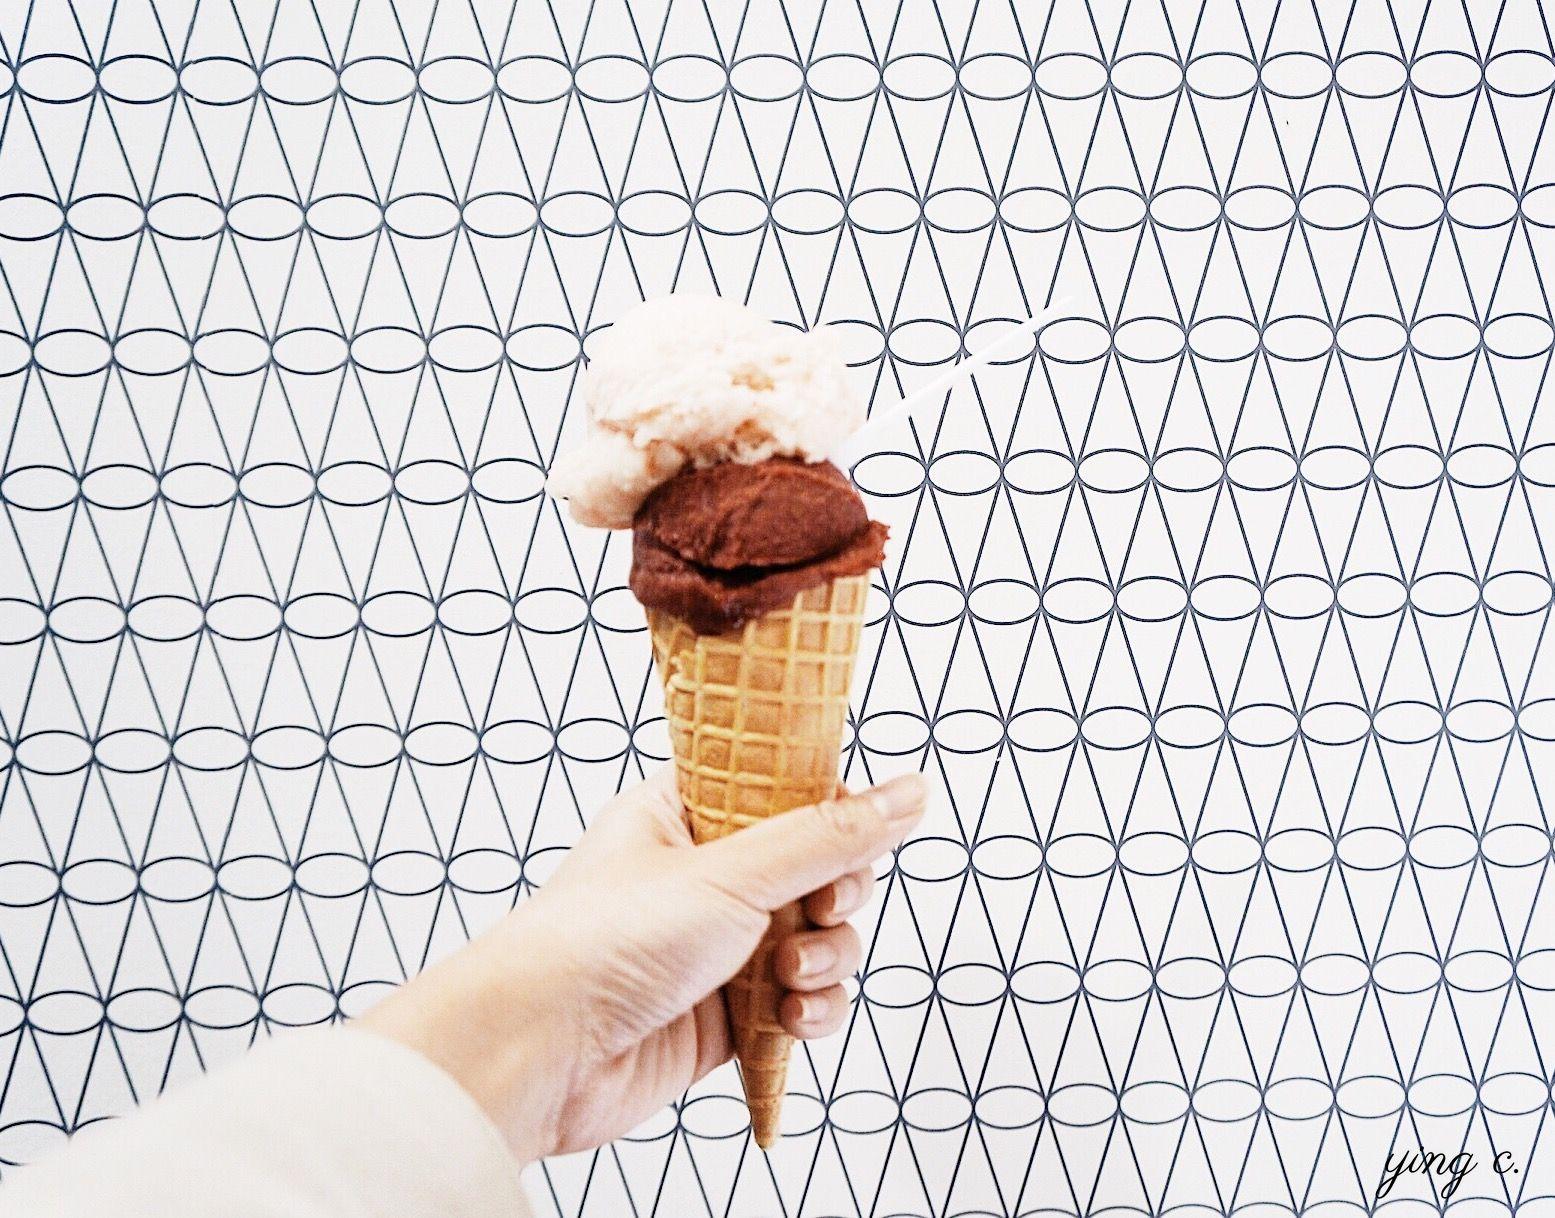 一到夏天,最紅的甜點當然非冰淇淋莫屬。雖然說到冰淇淋,大家立刻就會想到義大利Gelato,不過你知道嗎?法式冰淇淋其實與Gelato系出同源。